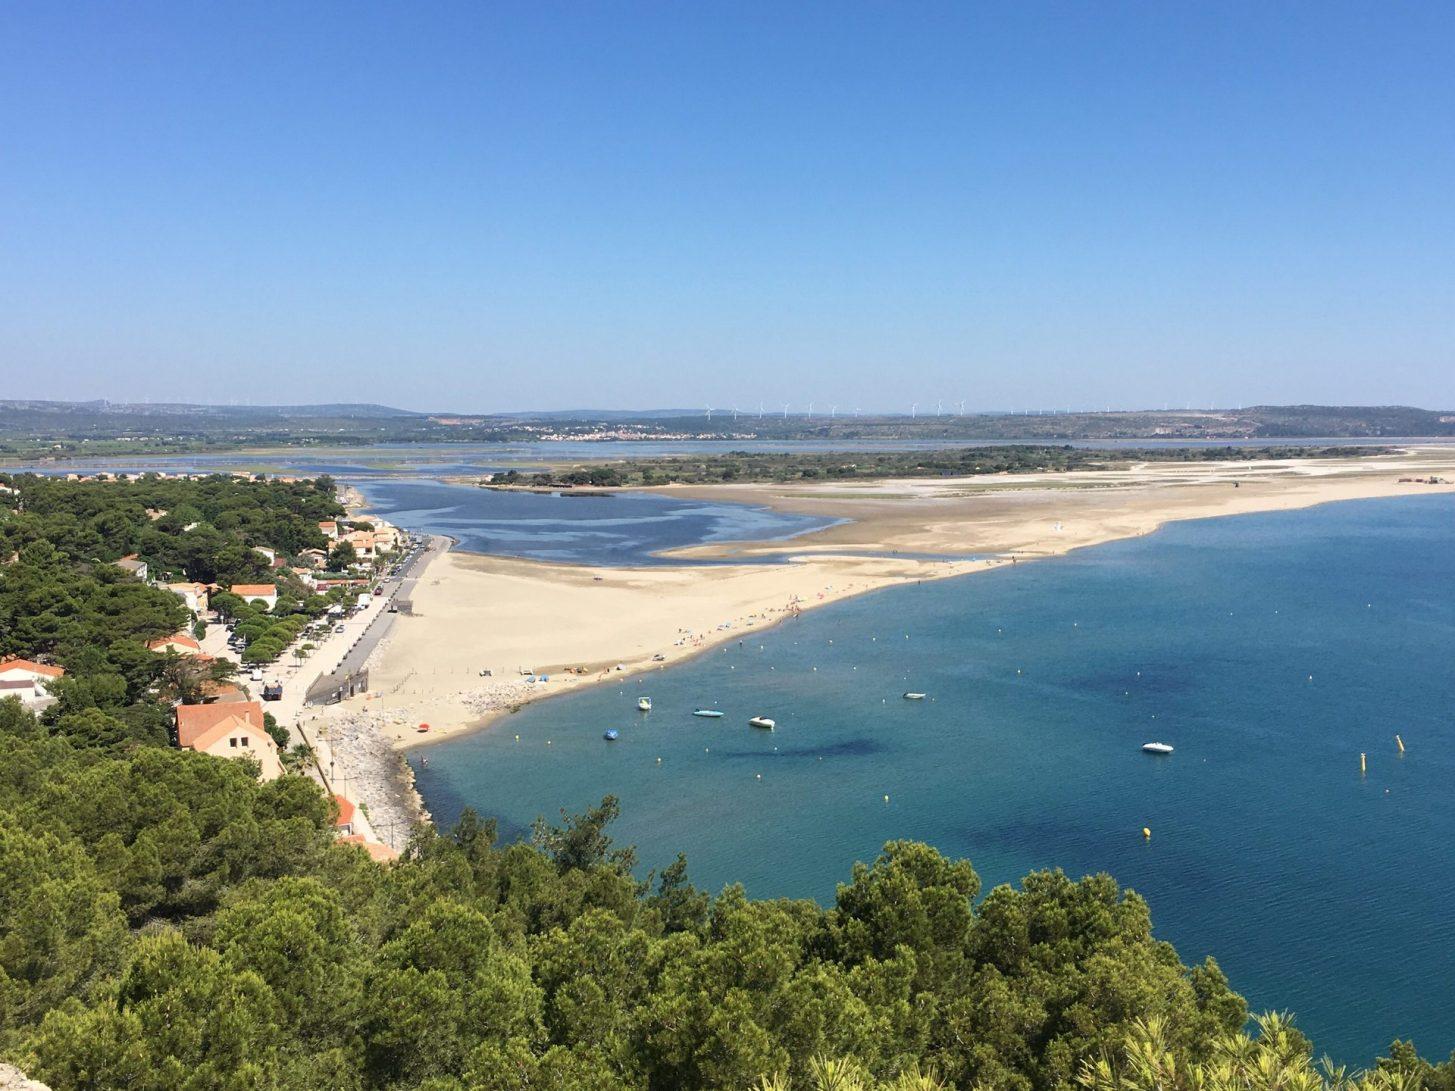 La franqui et sa plage à Leucate ©G Fleury-Office de Tourisme de Leucate